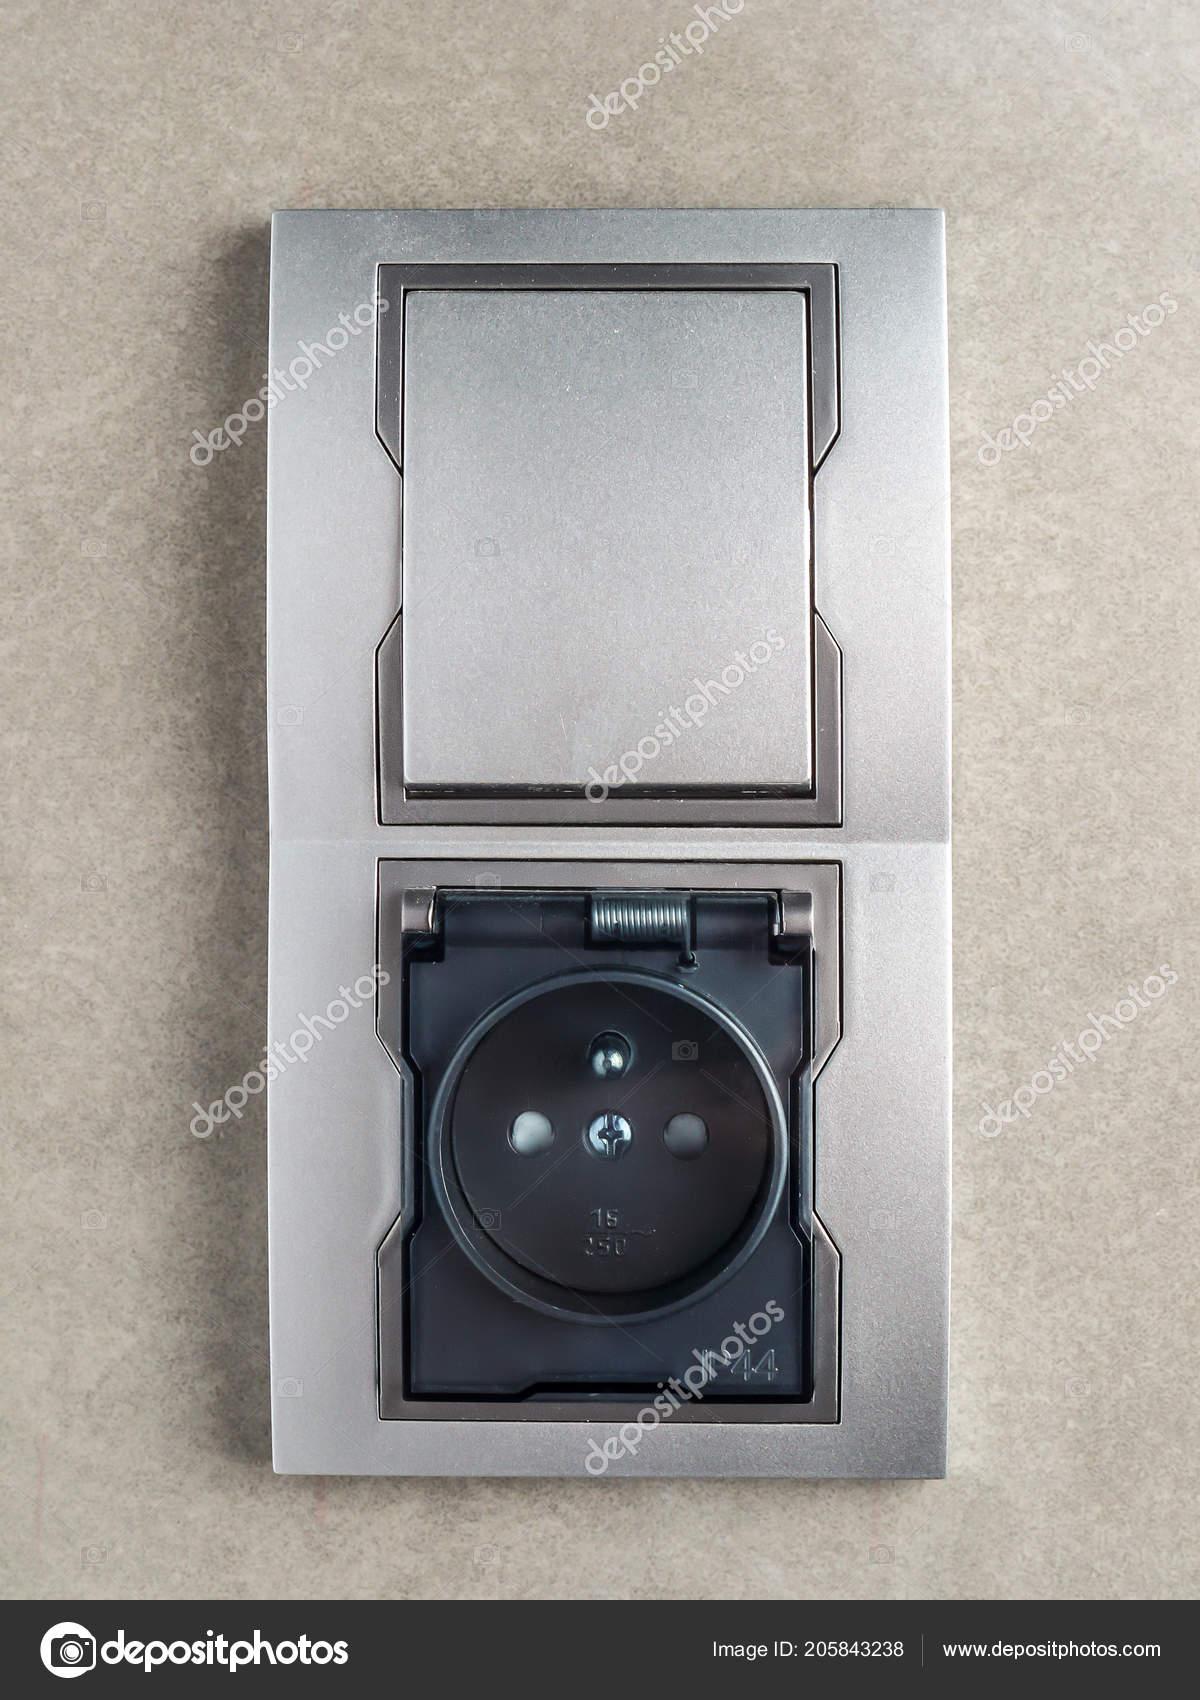 Badezimmer-Steckdose und Schalter — Stockfoto © pryzmat #205843238